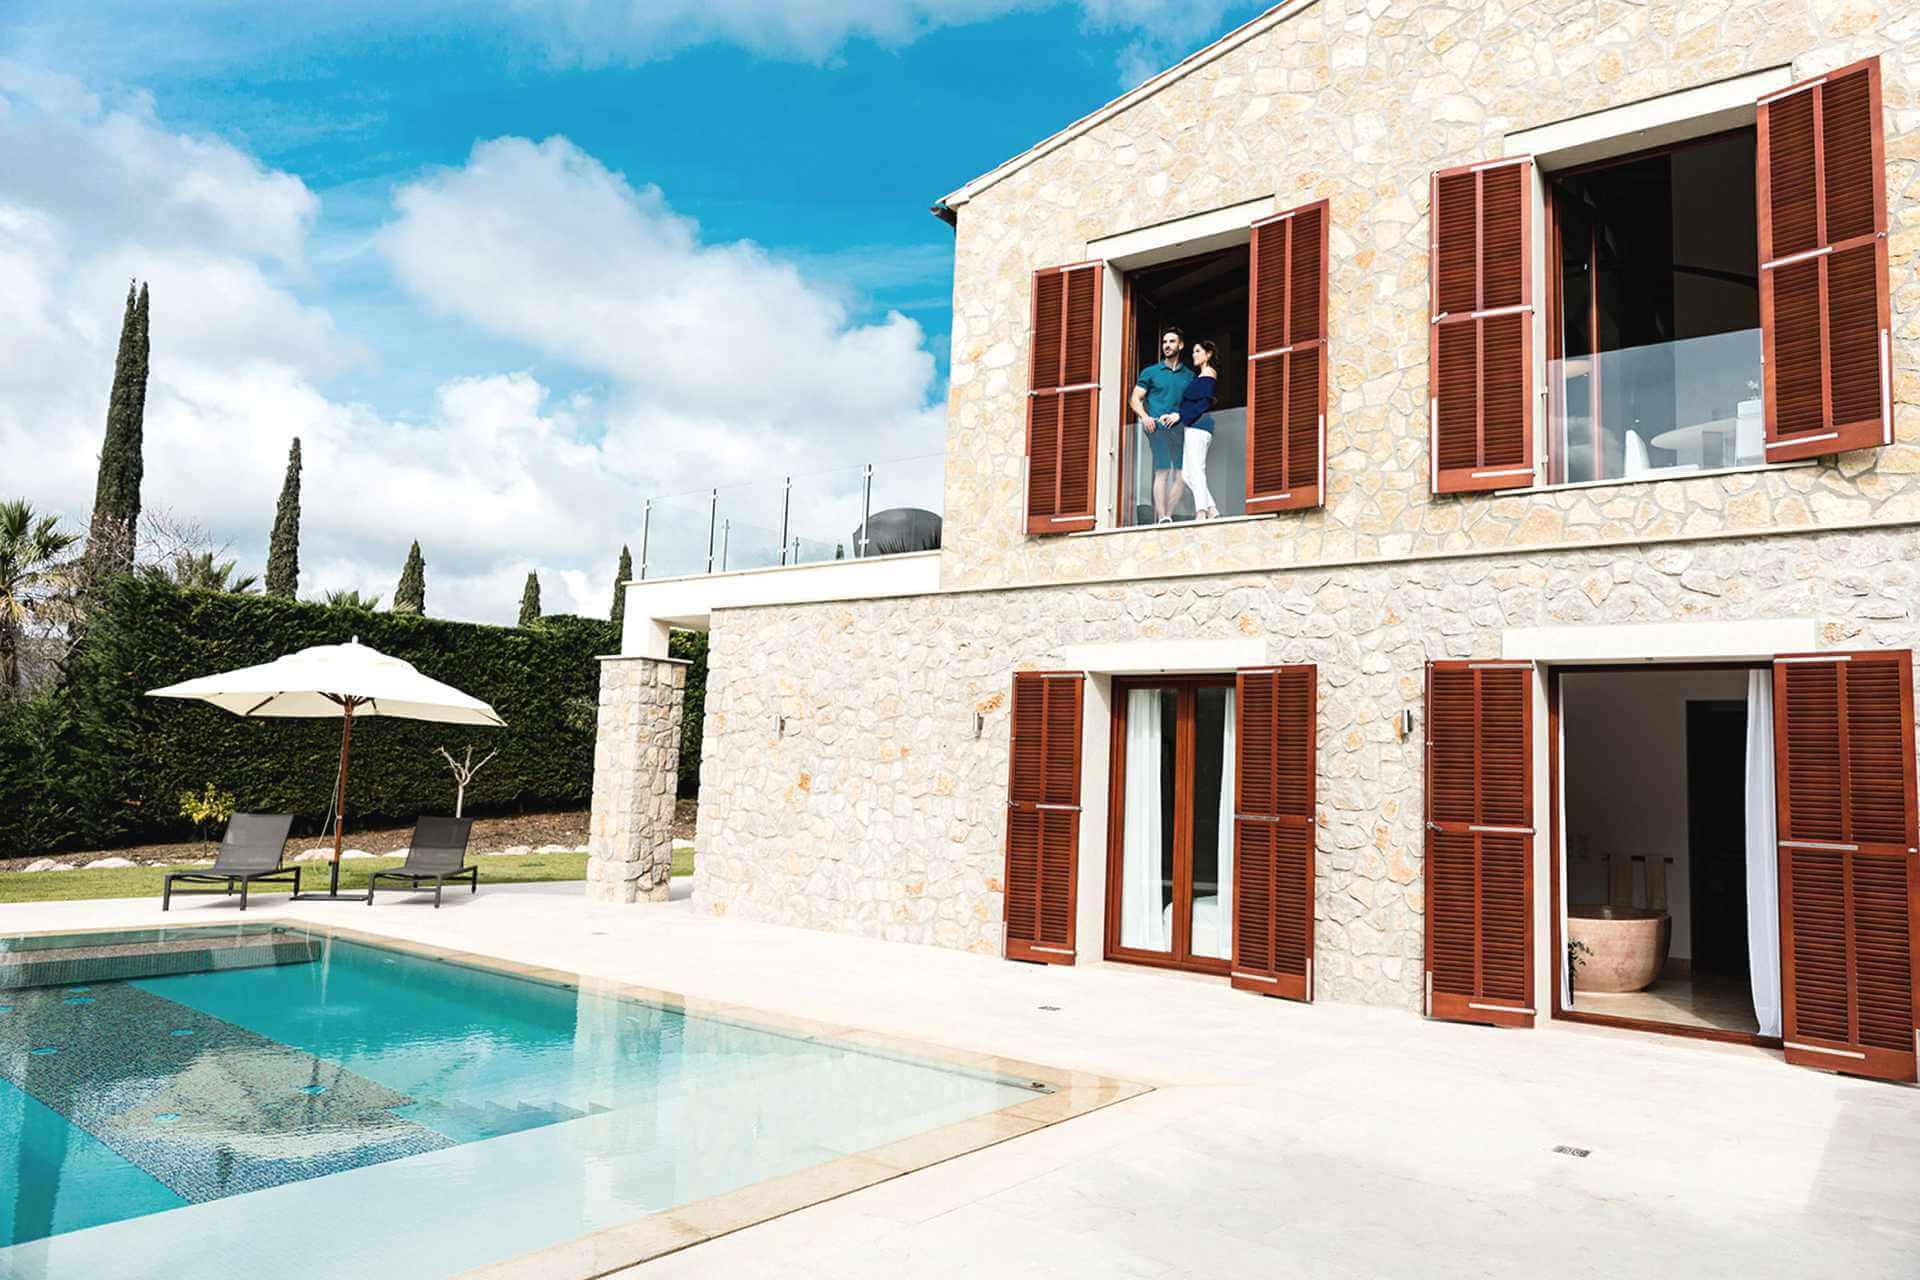 01-326 Design Villa Golf Course Northeast Mallorca Bild 3